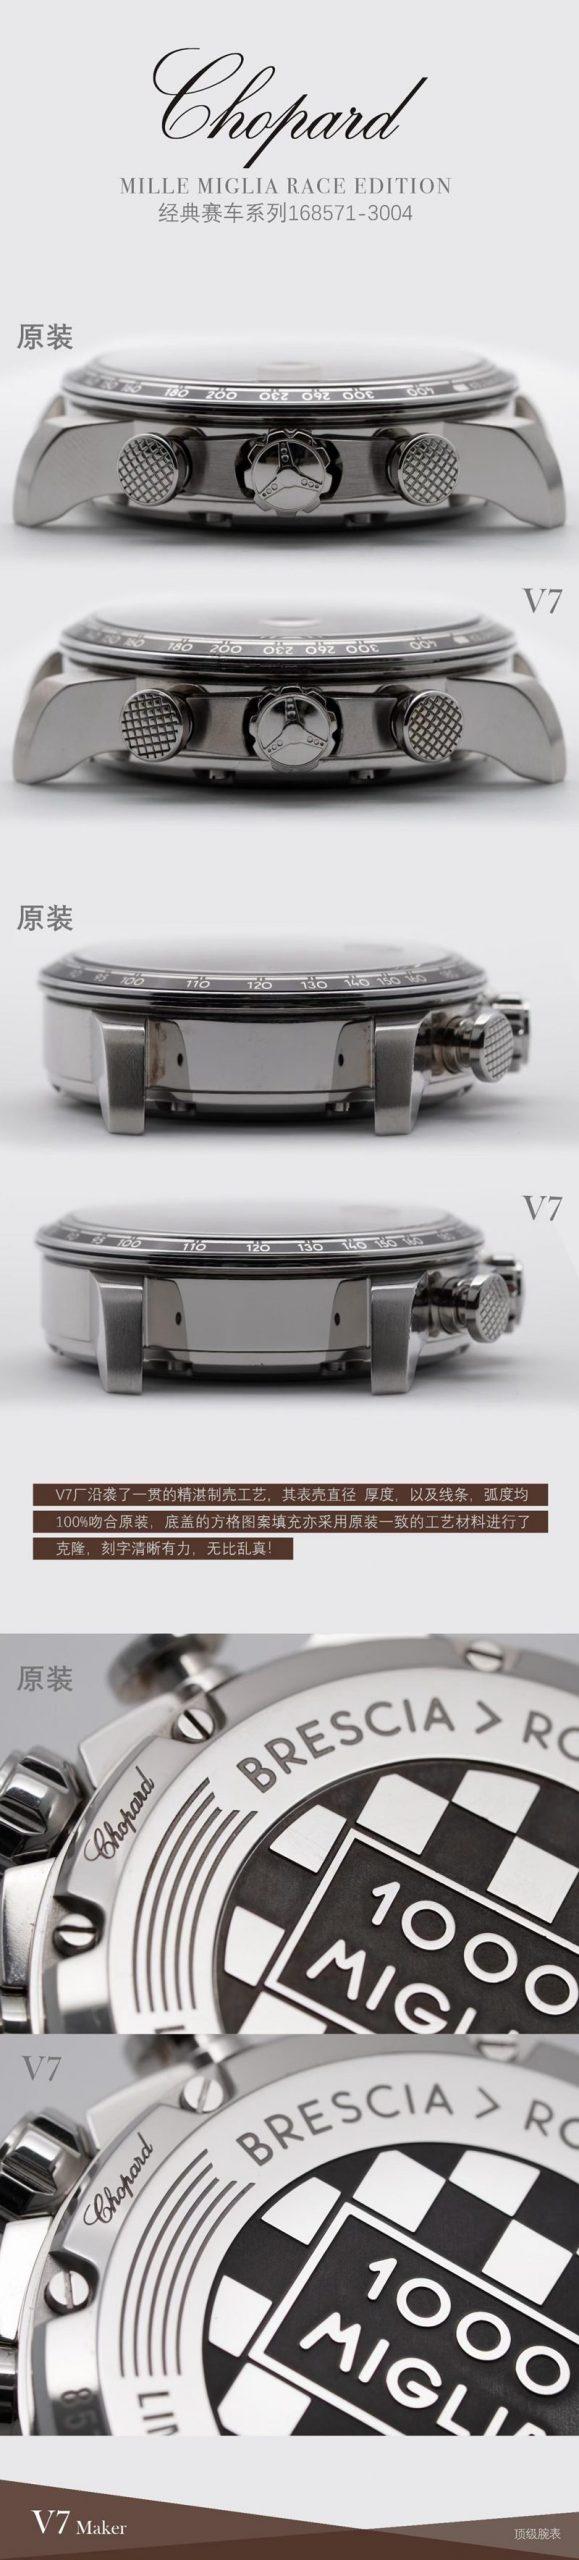 萧邦复刻手表V7厂赛车系列精品评测